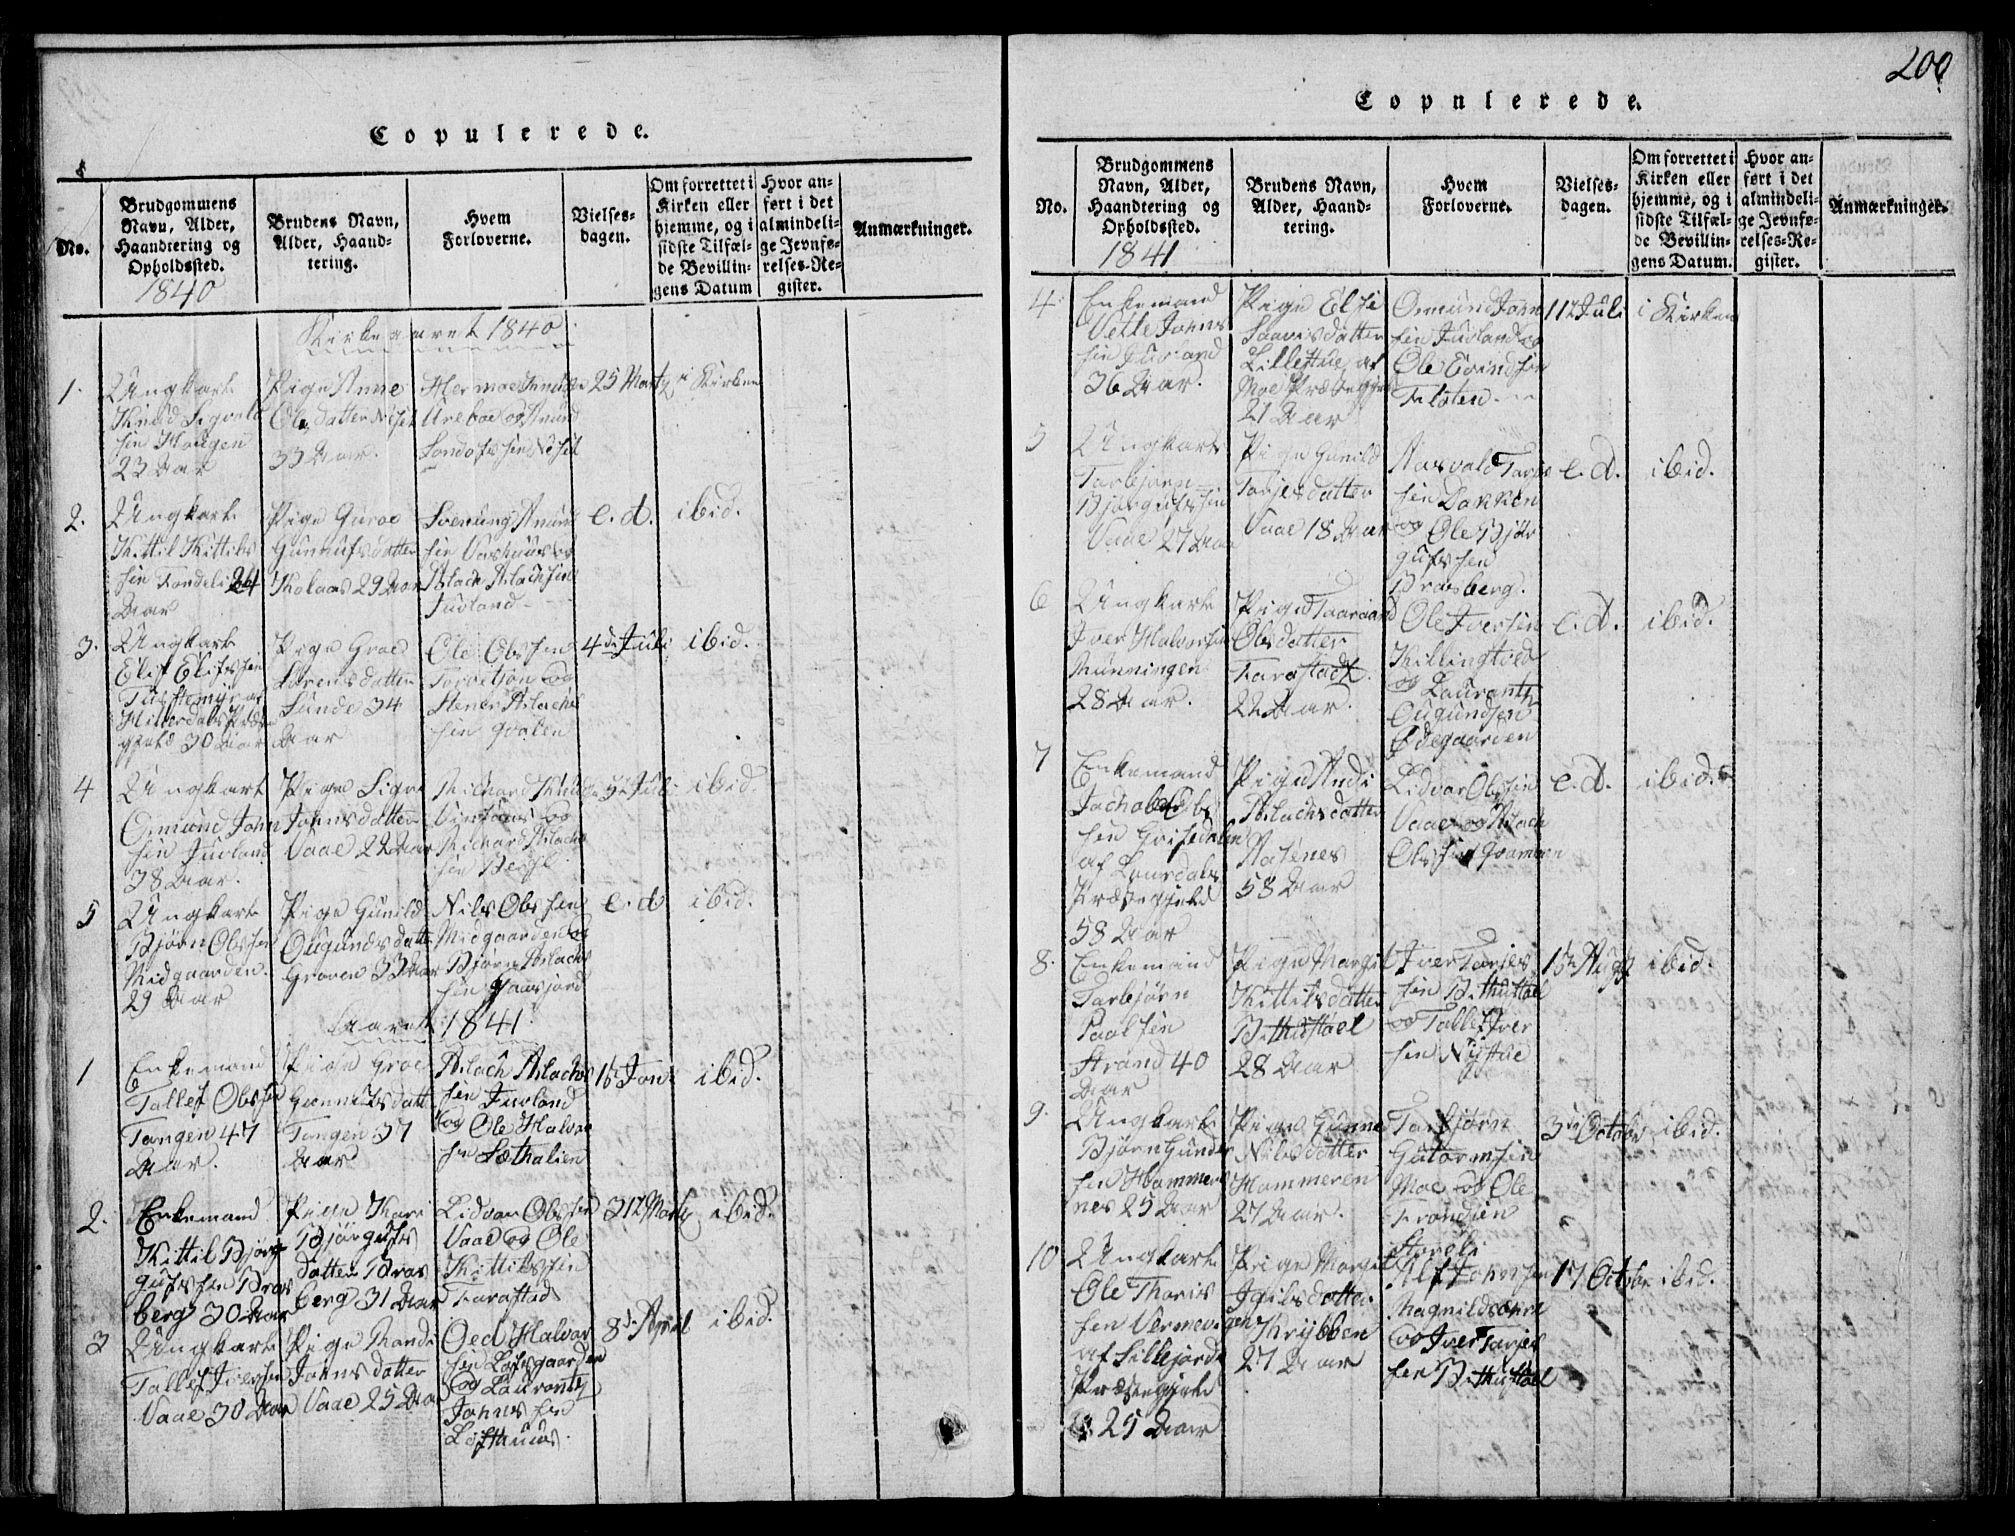 SAKO, Rauland kirkebøker, G/Ga/L0001: Klokkerbok nr. I 1, 1814-1843, s. 200